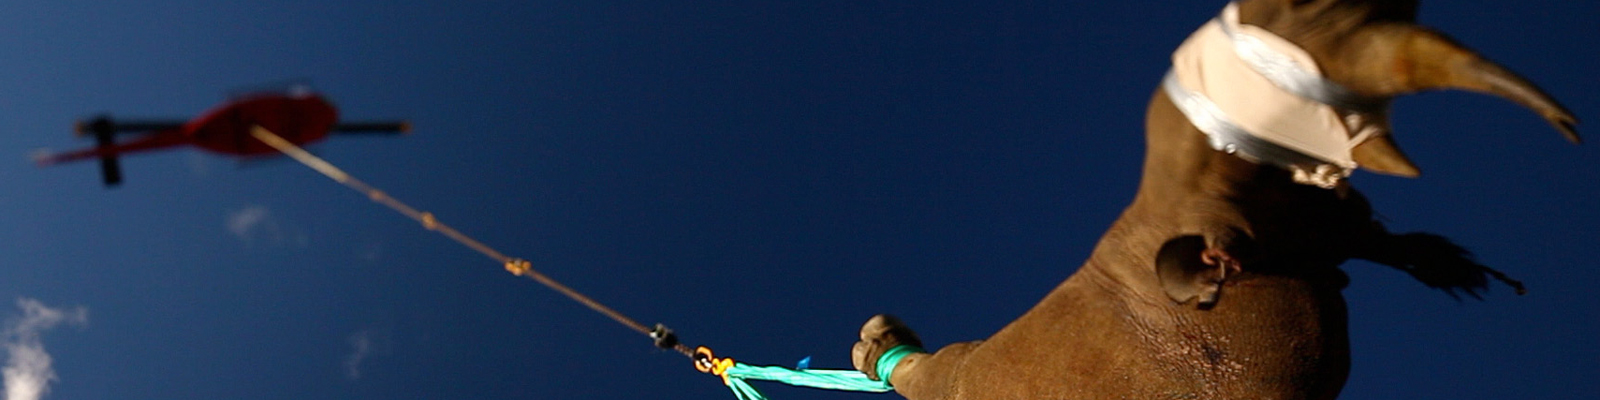 Ein Nashorn wird per Hubschrauber in ein neues Schutzgebiet in Südafrika transportiert. Das Horn der Nashörner ist sehr begehrt, es wird zu Pulver gemahlen und hat auf dem Schwarzmarkt einen Wert wie Gold.